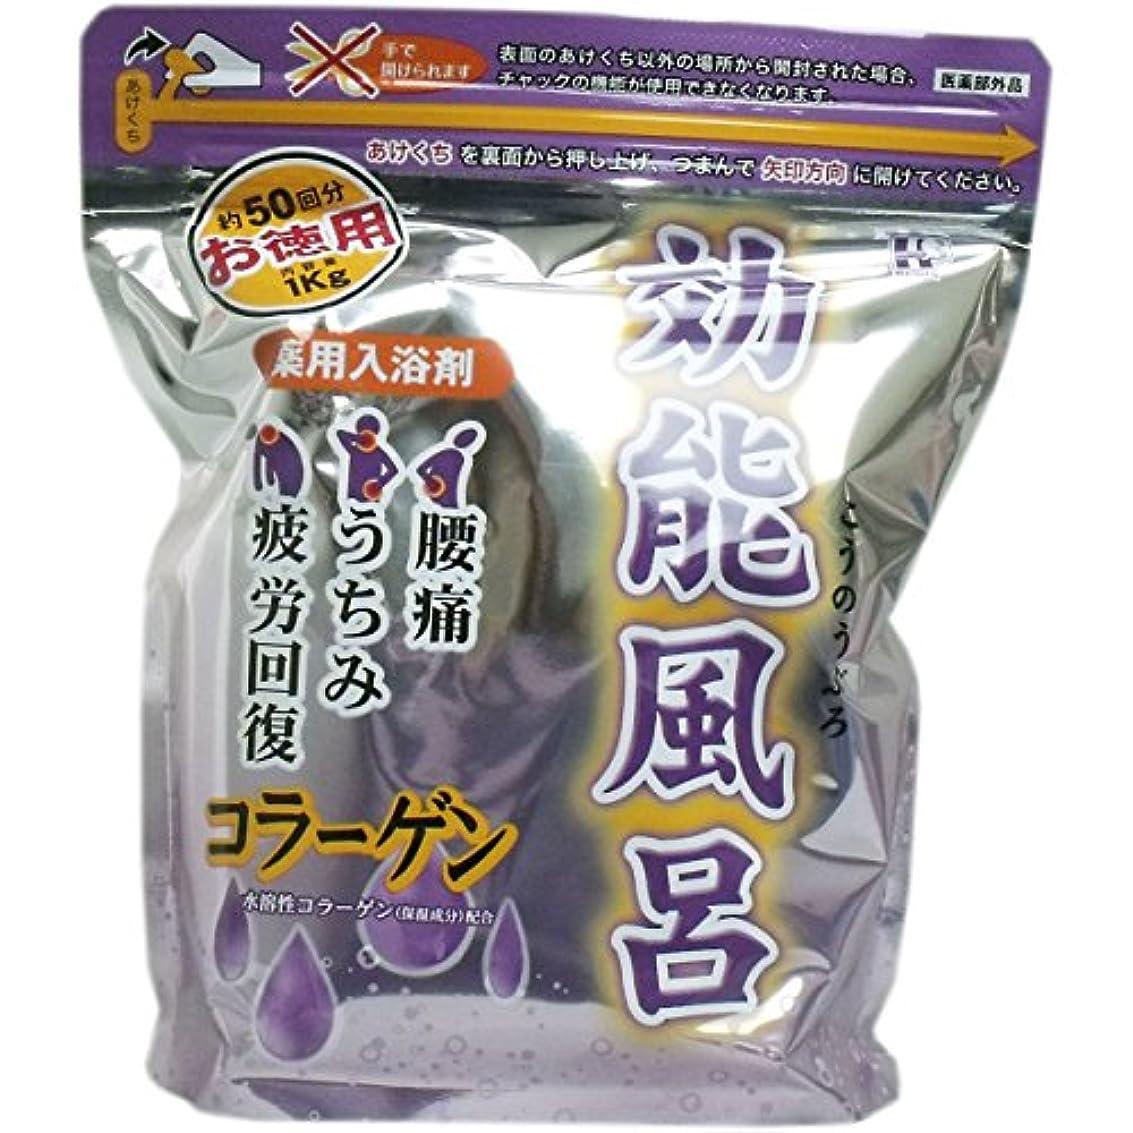 ビクターの量ぬるい効能風呂 薬用入浴剤 コラーゲン 1Kg